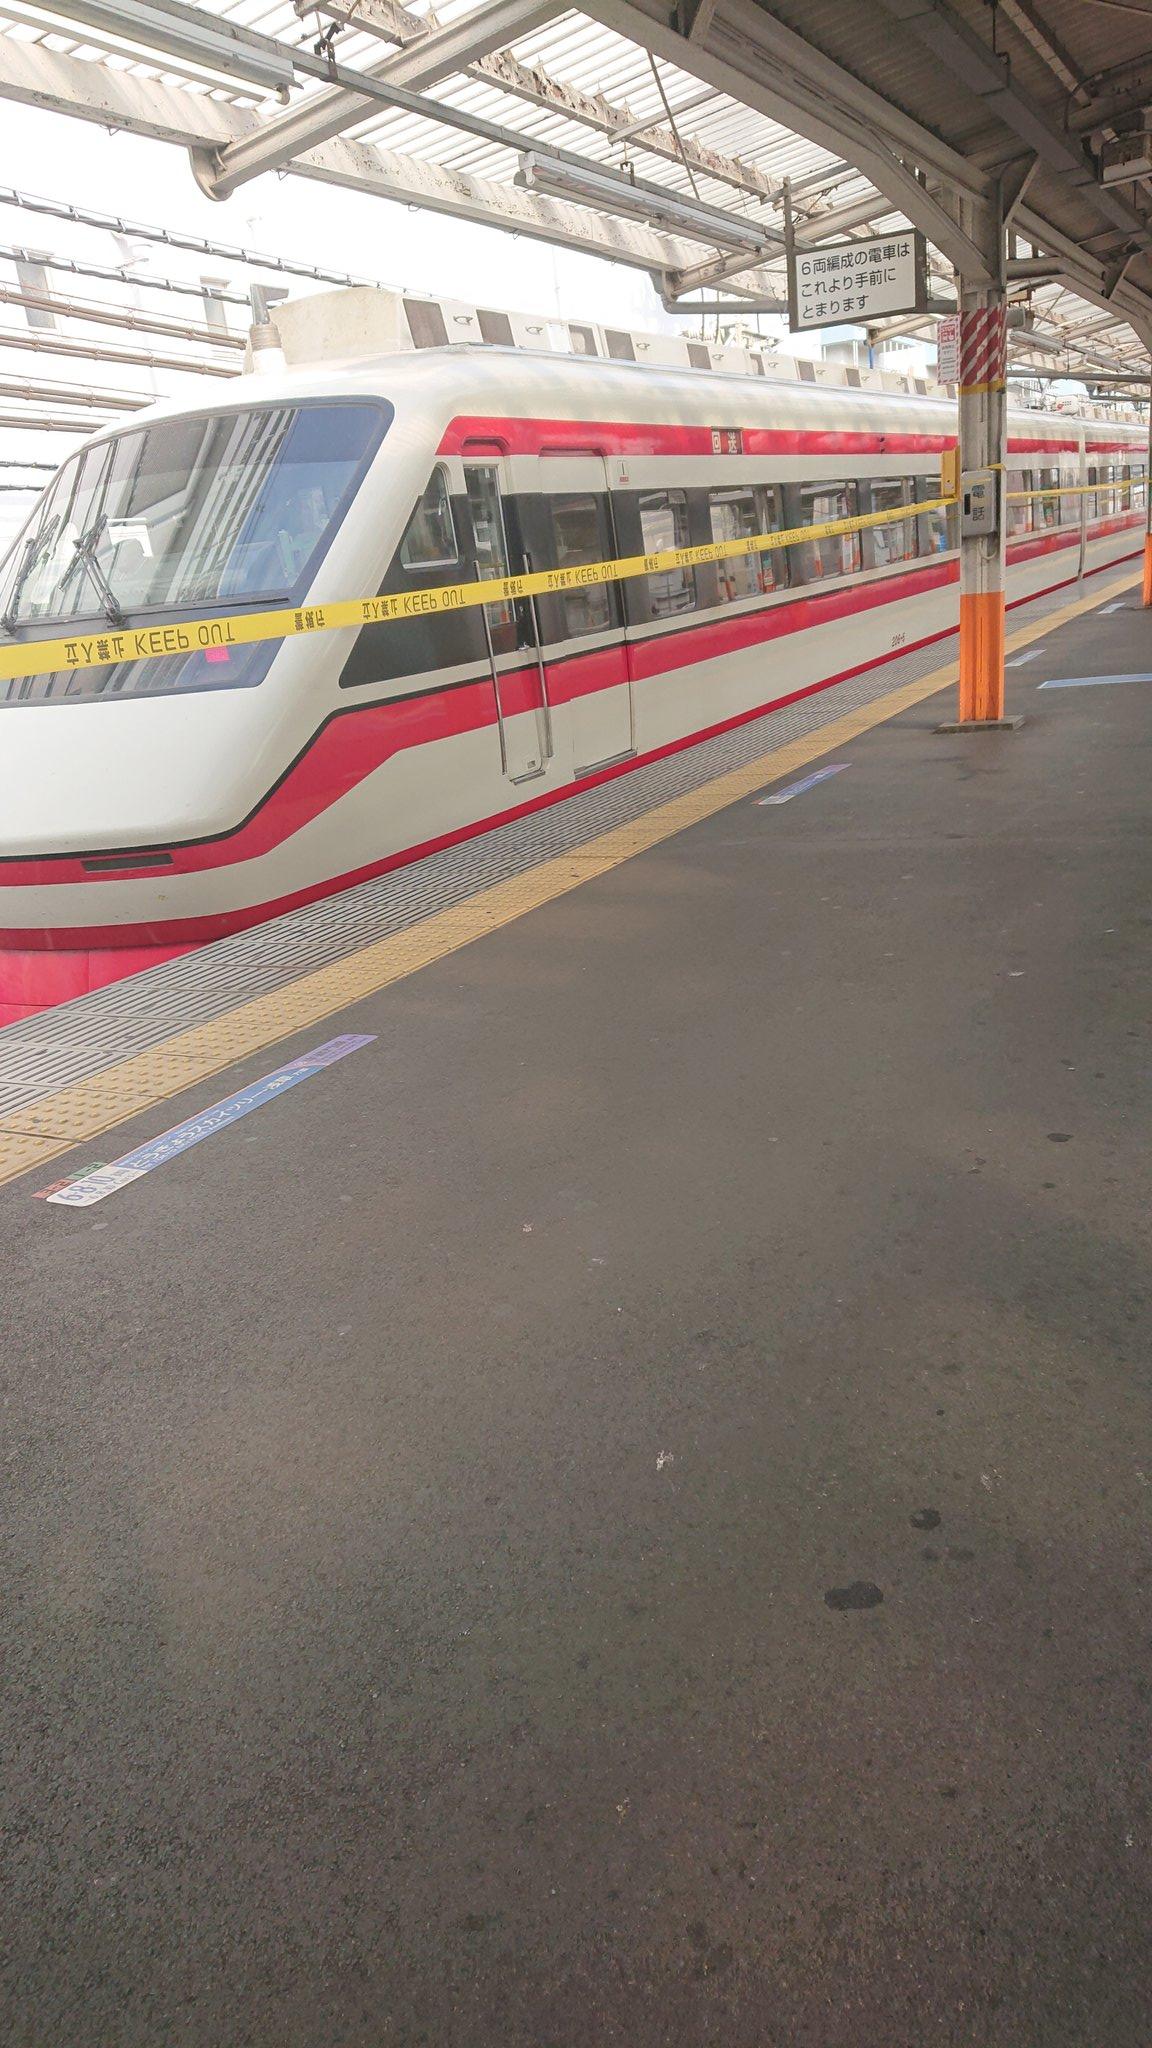 東武スカイツリーラインの西新井駅で人身事故が発生した現場の画像